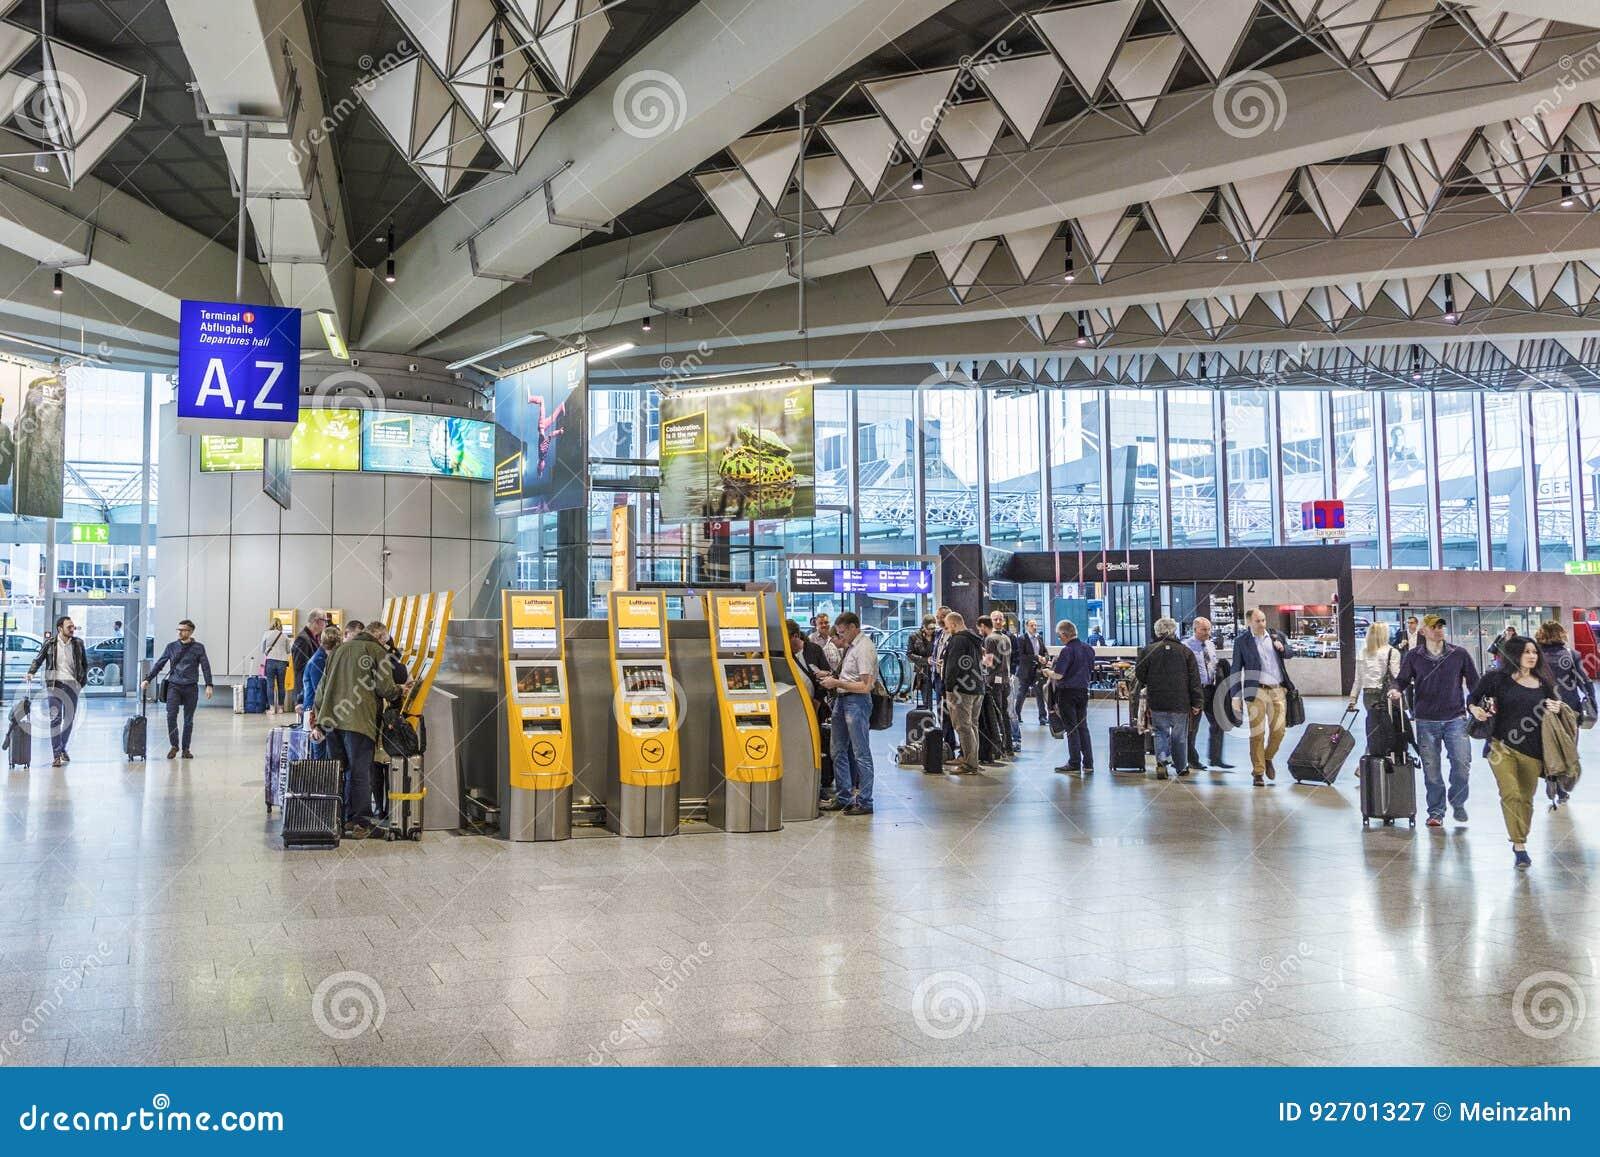 Airport Frankfurt Arrivals